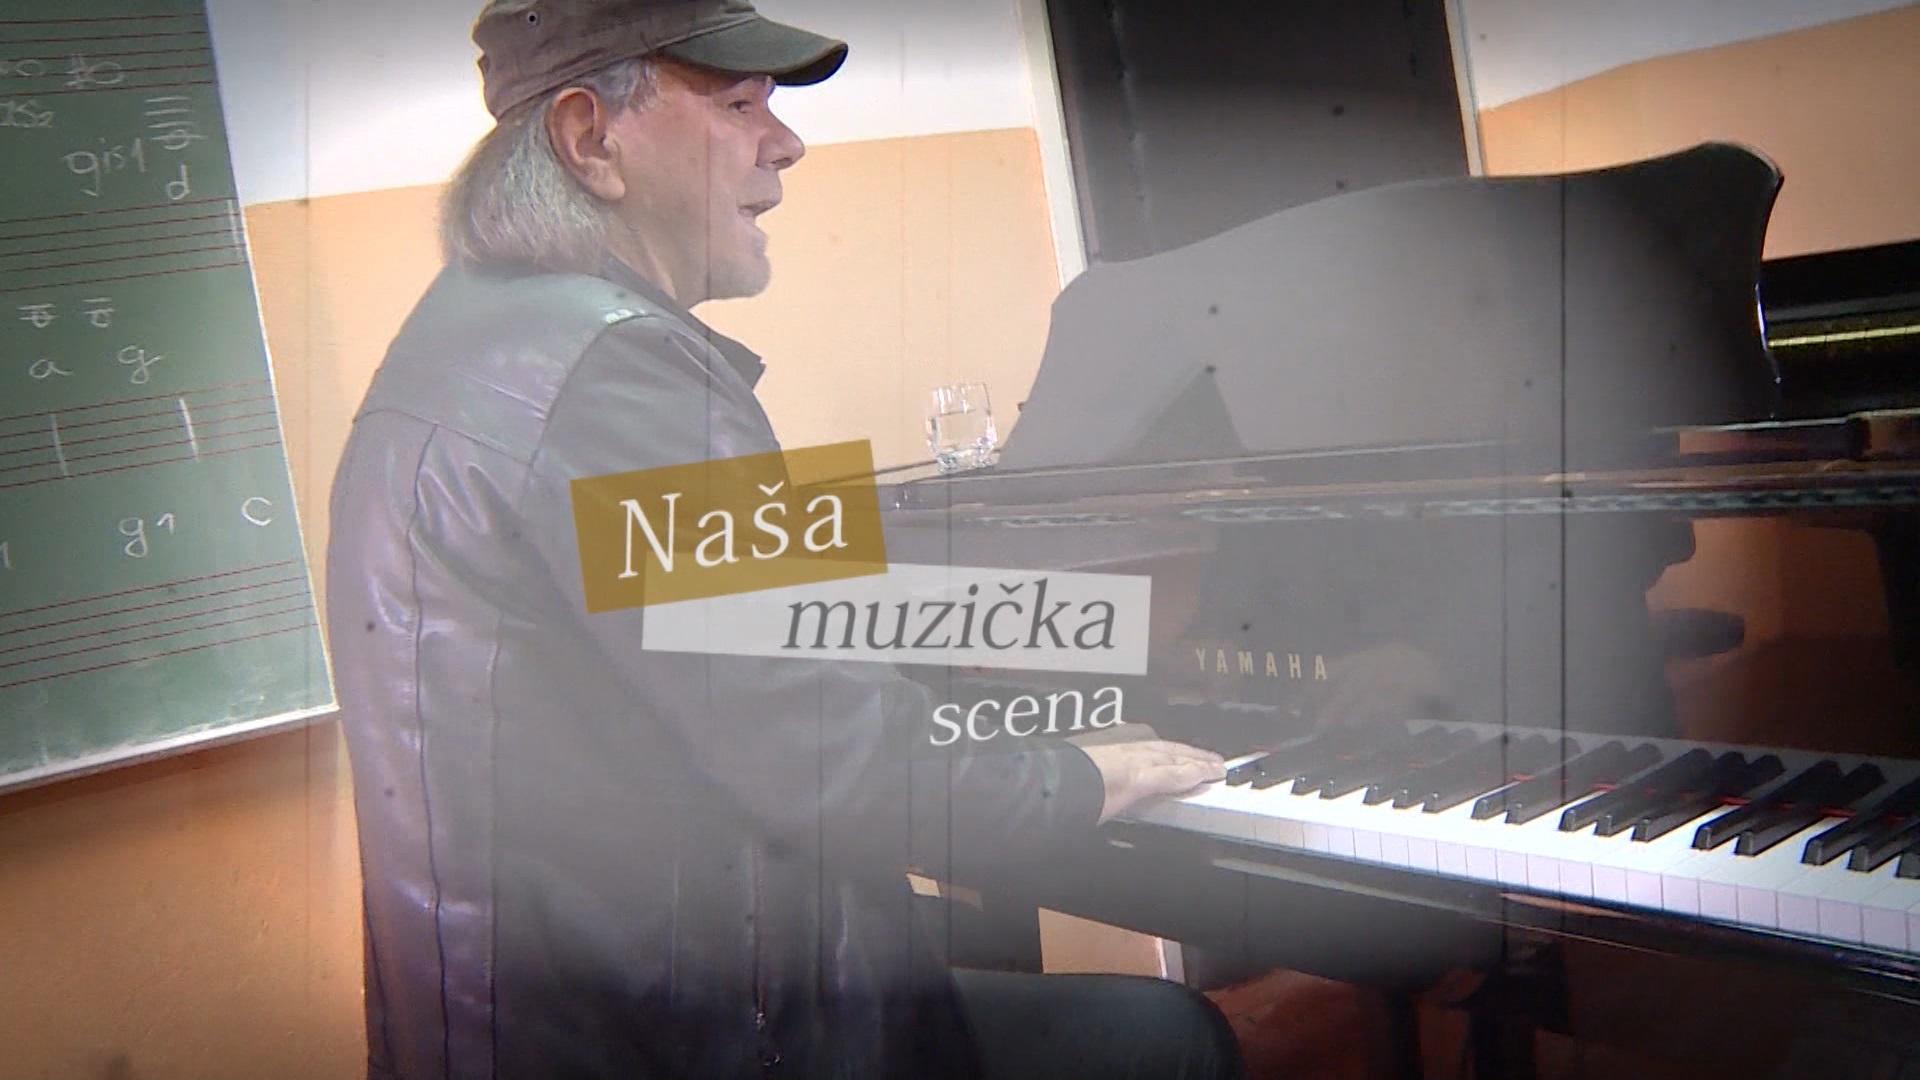 NAŠA MUZIČKA SCENA - Toni Janković, muzički program